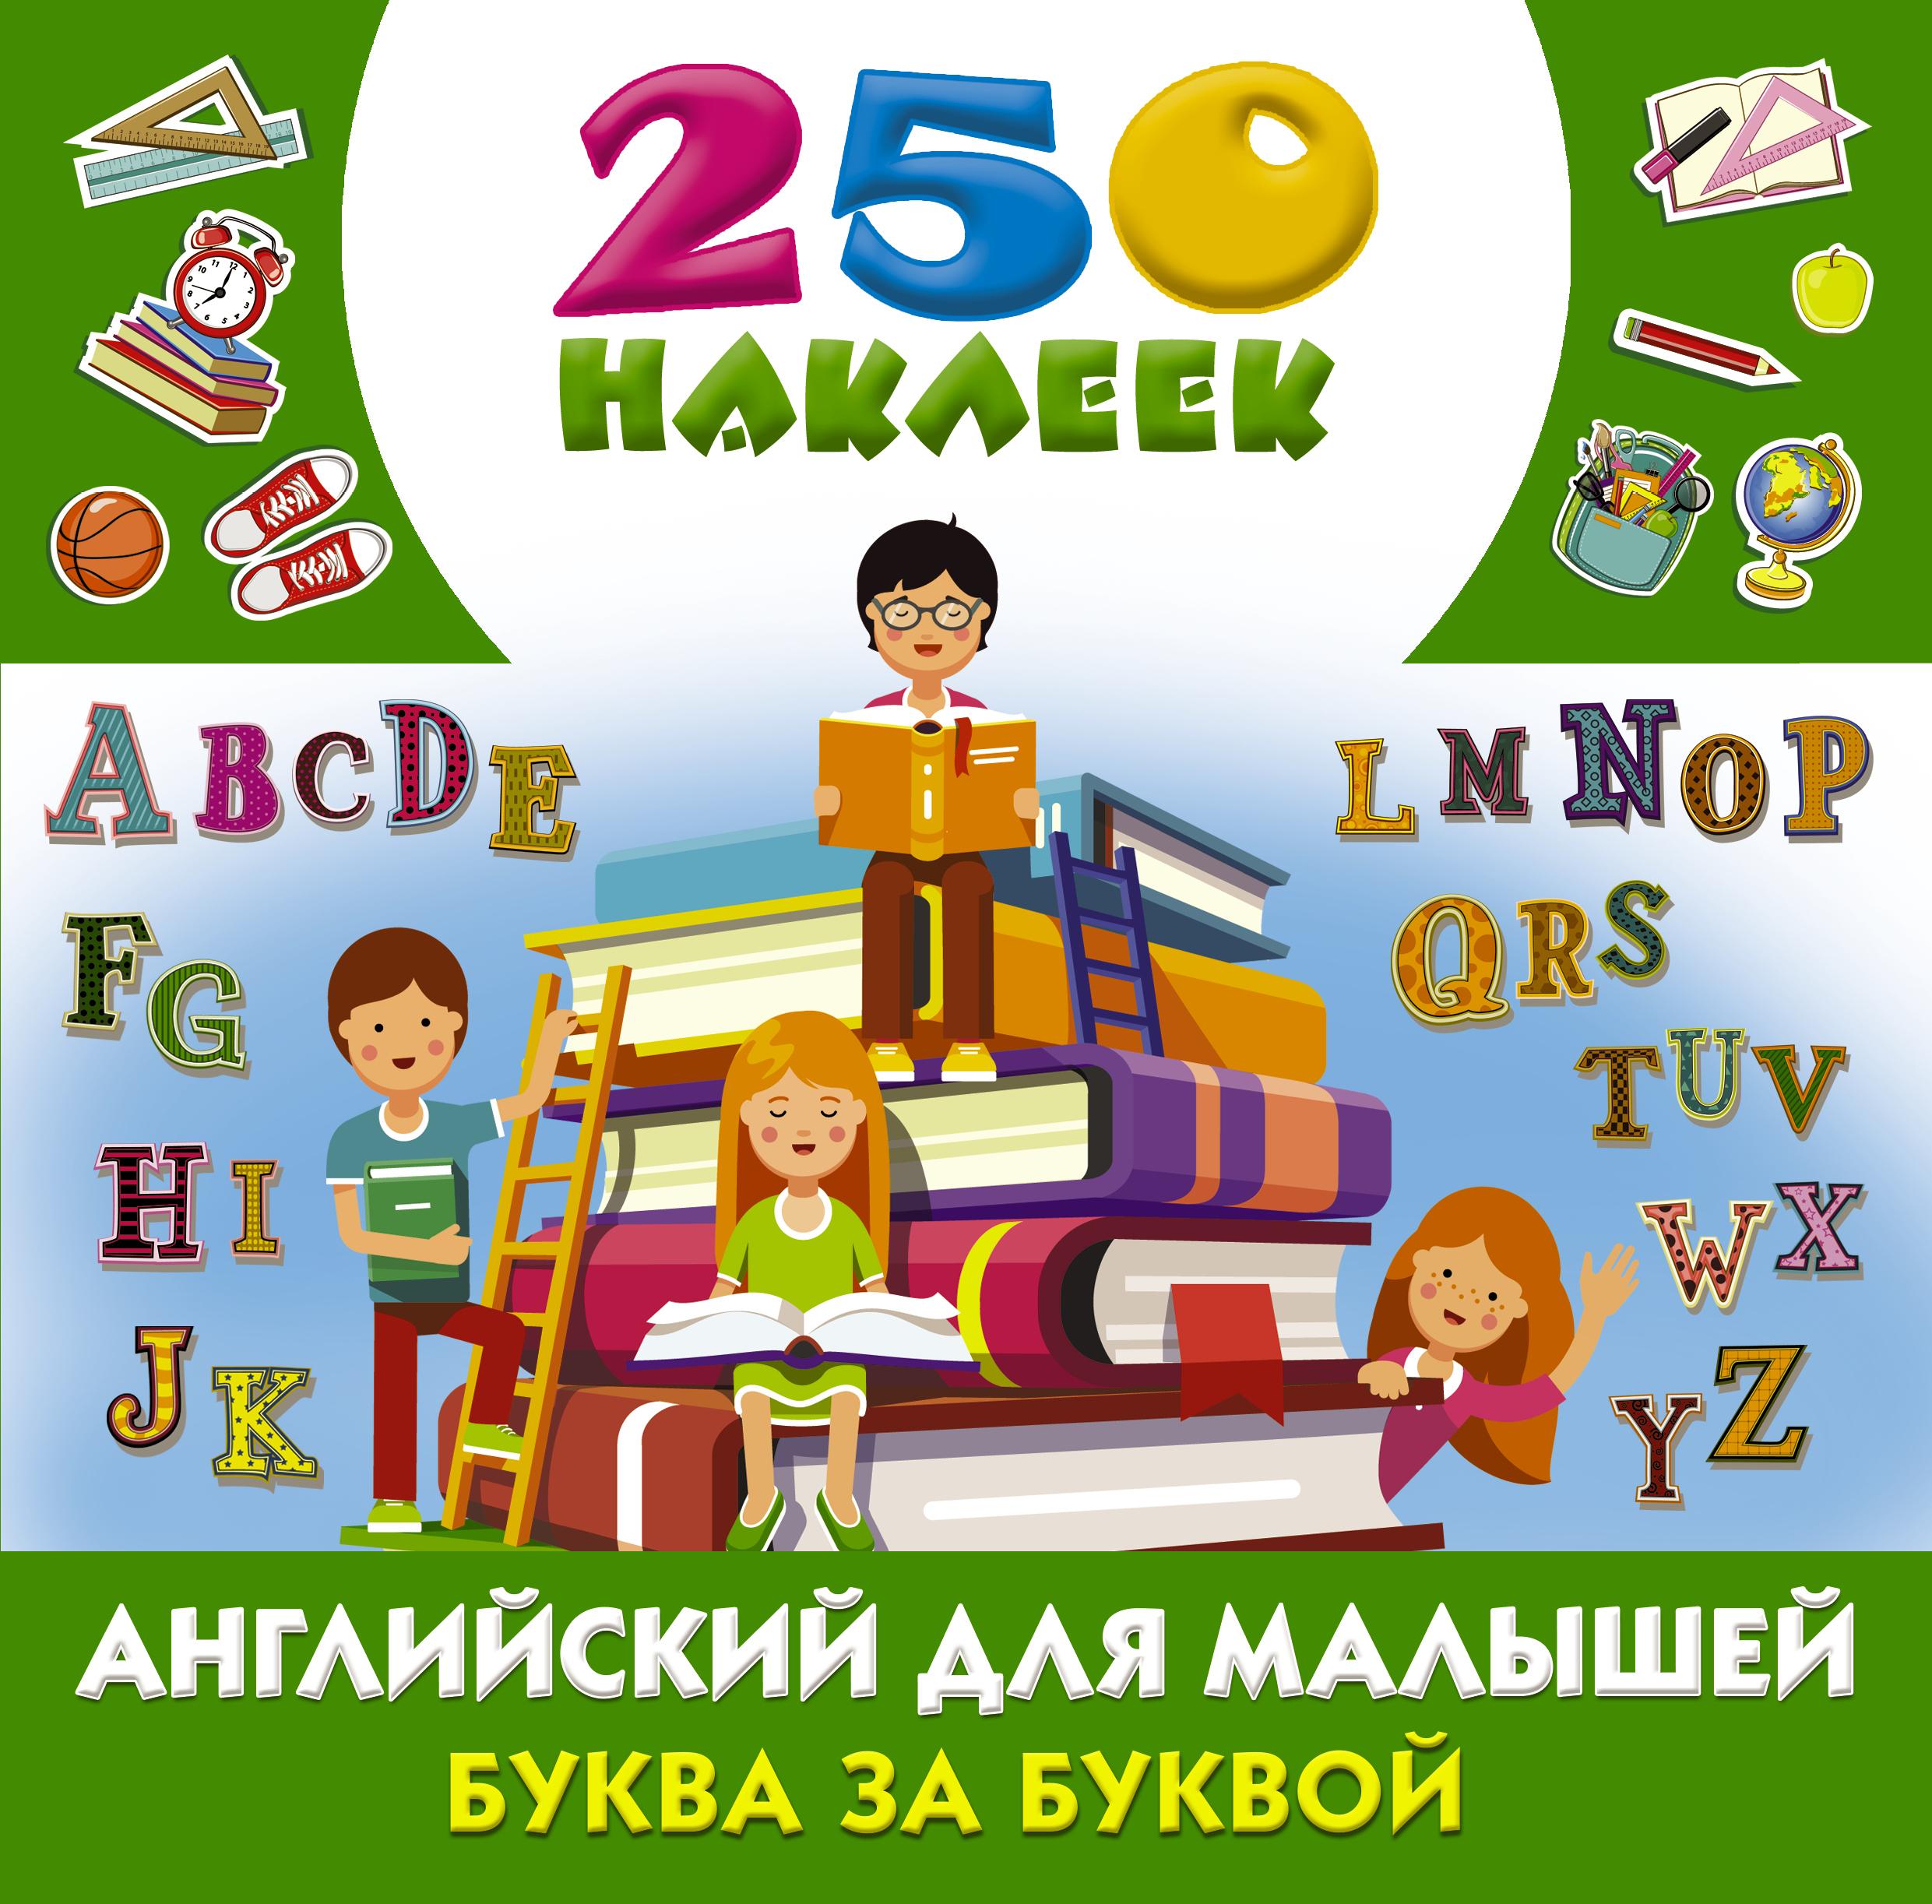 Глотова В.Ю. Английский для малышей: буква за буквой